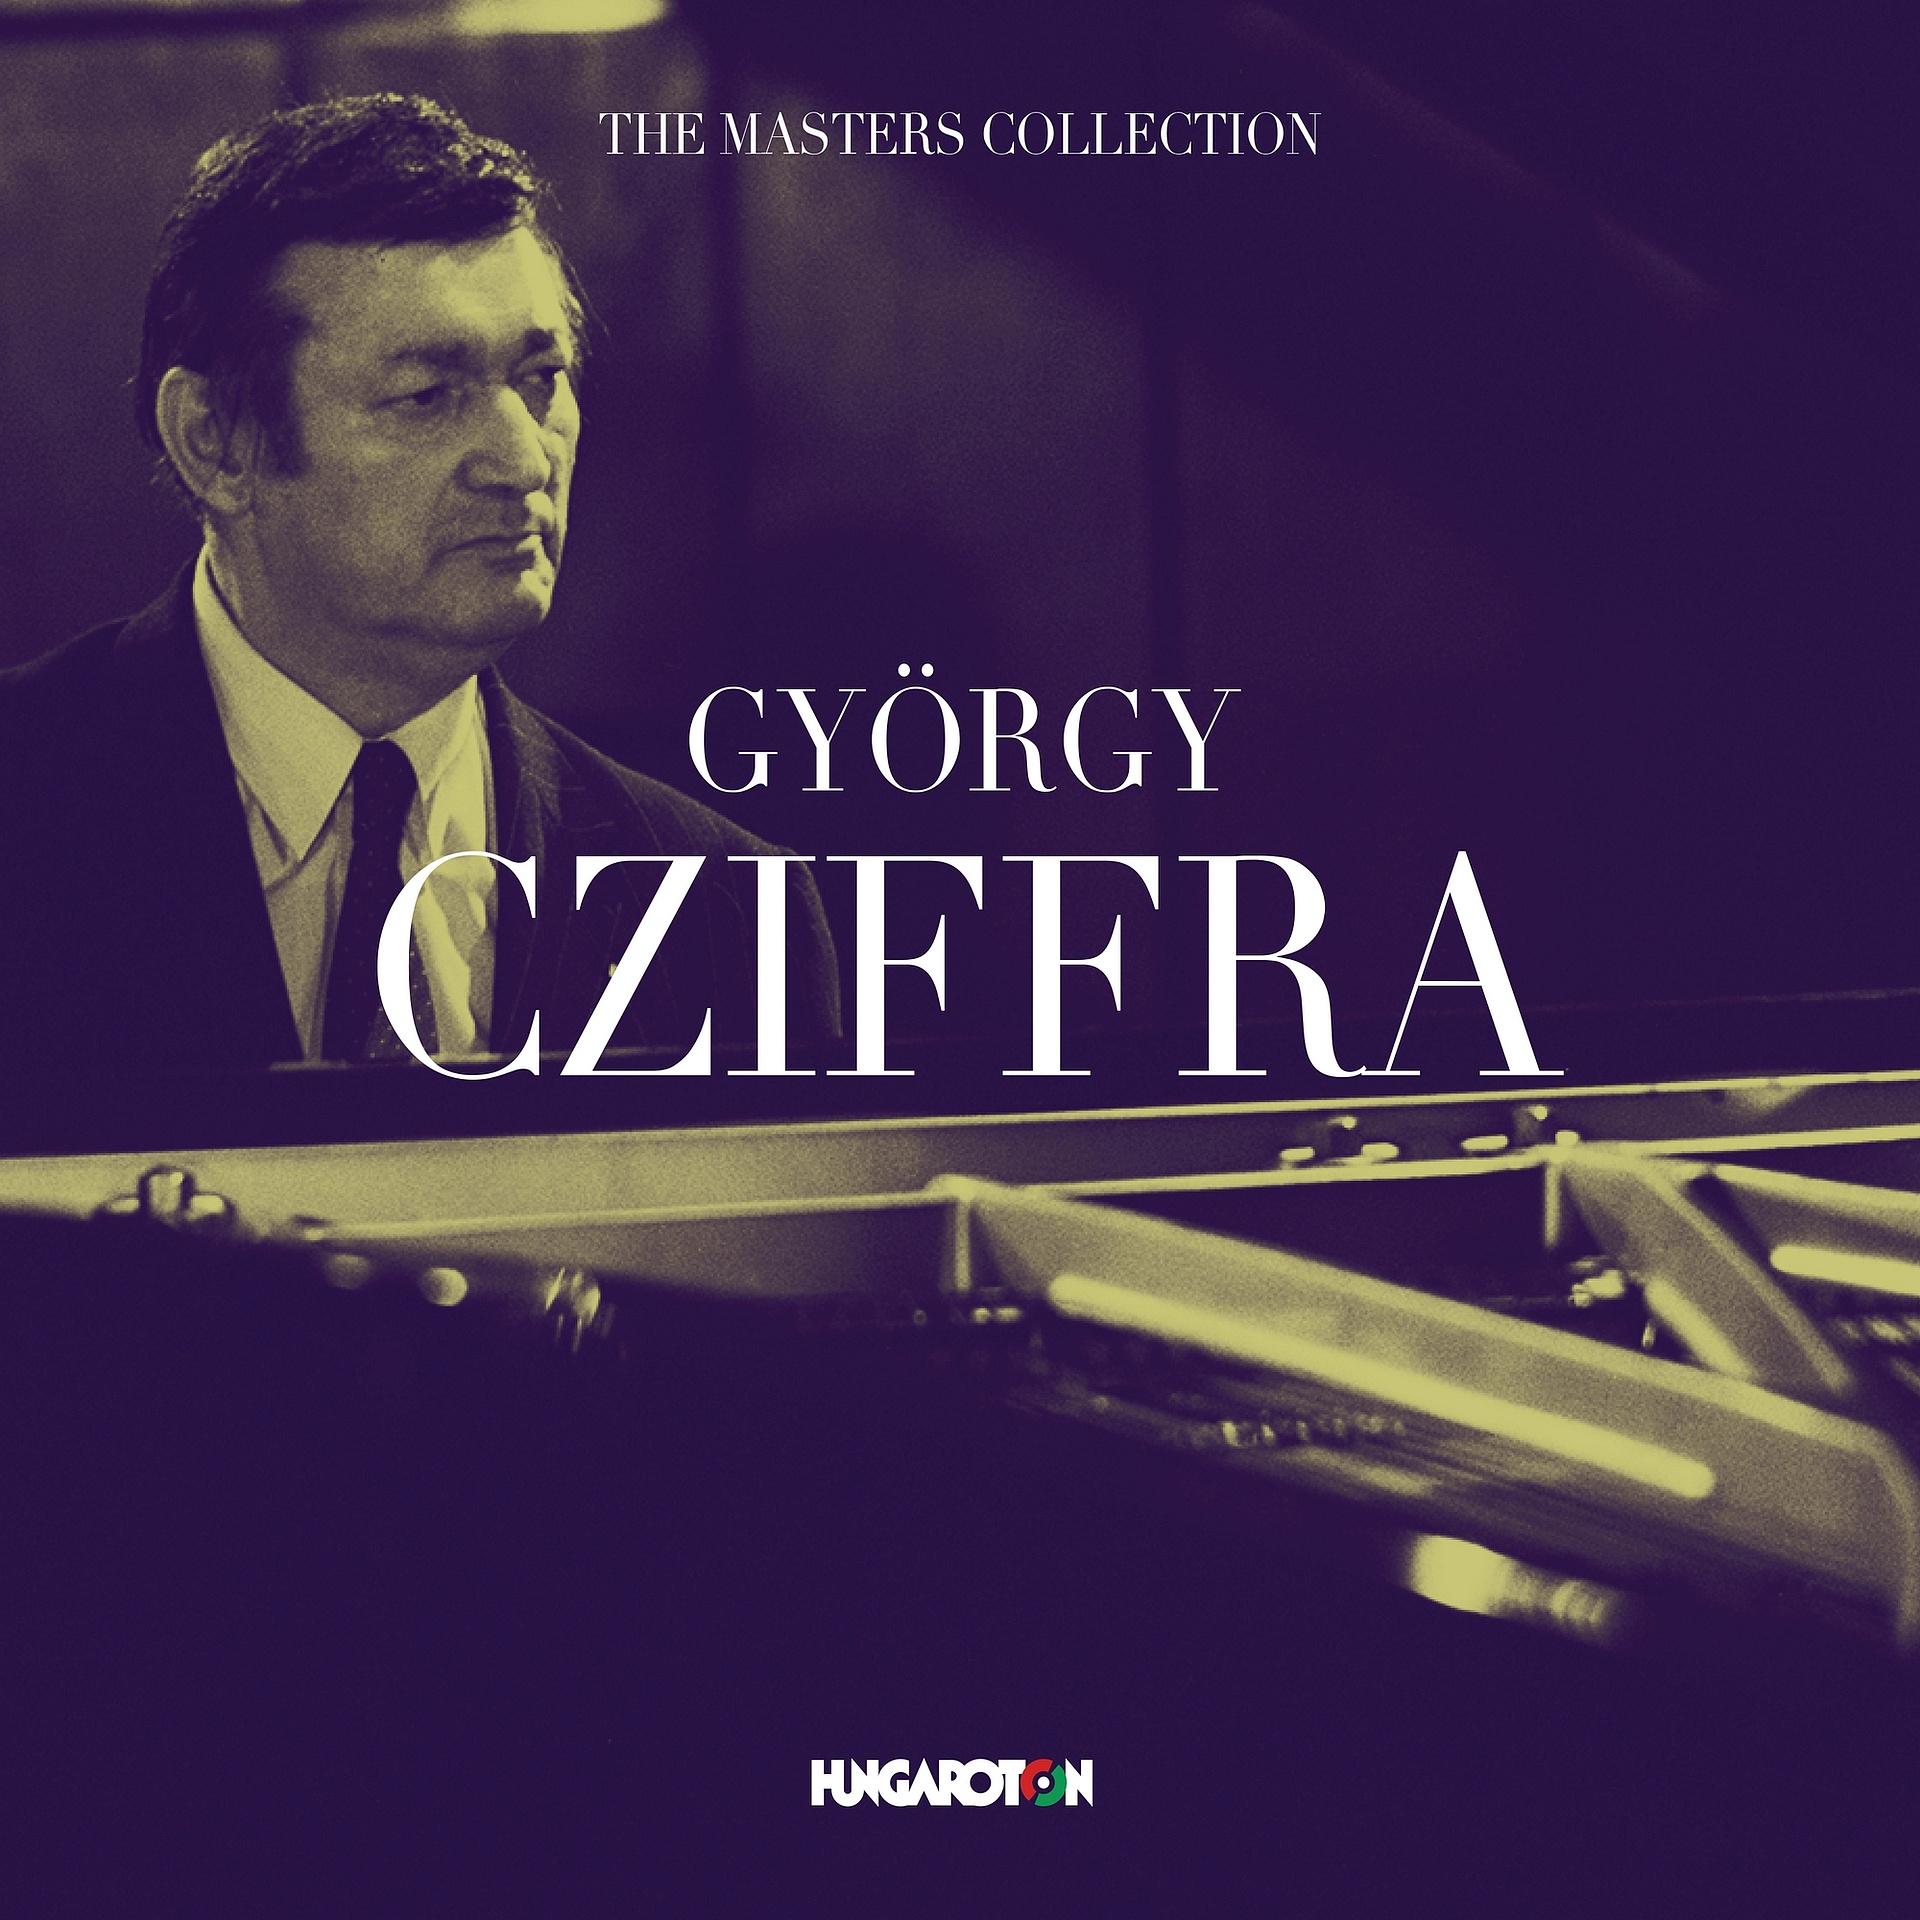 Cziffra György-válogatásalbum jelent meg a Hungarotonnál